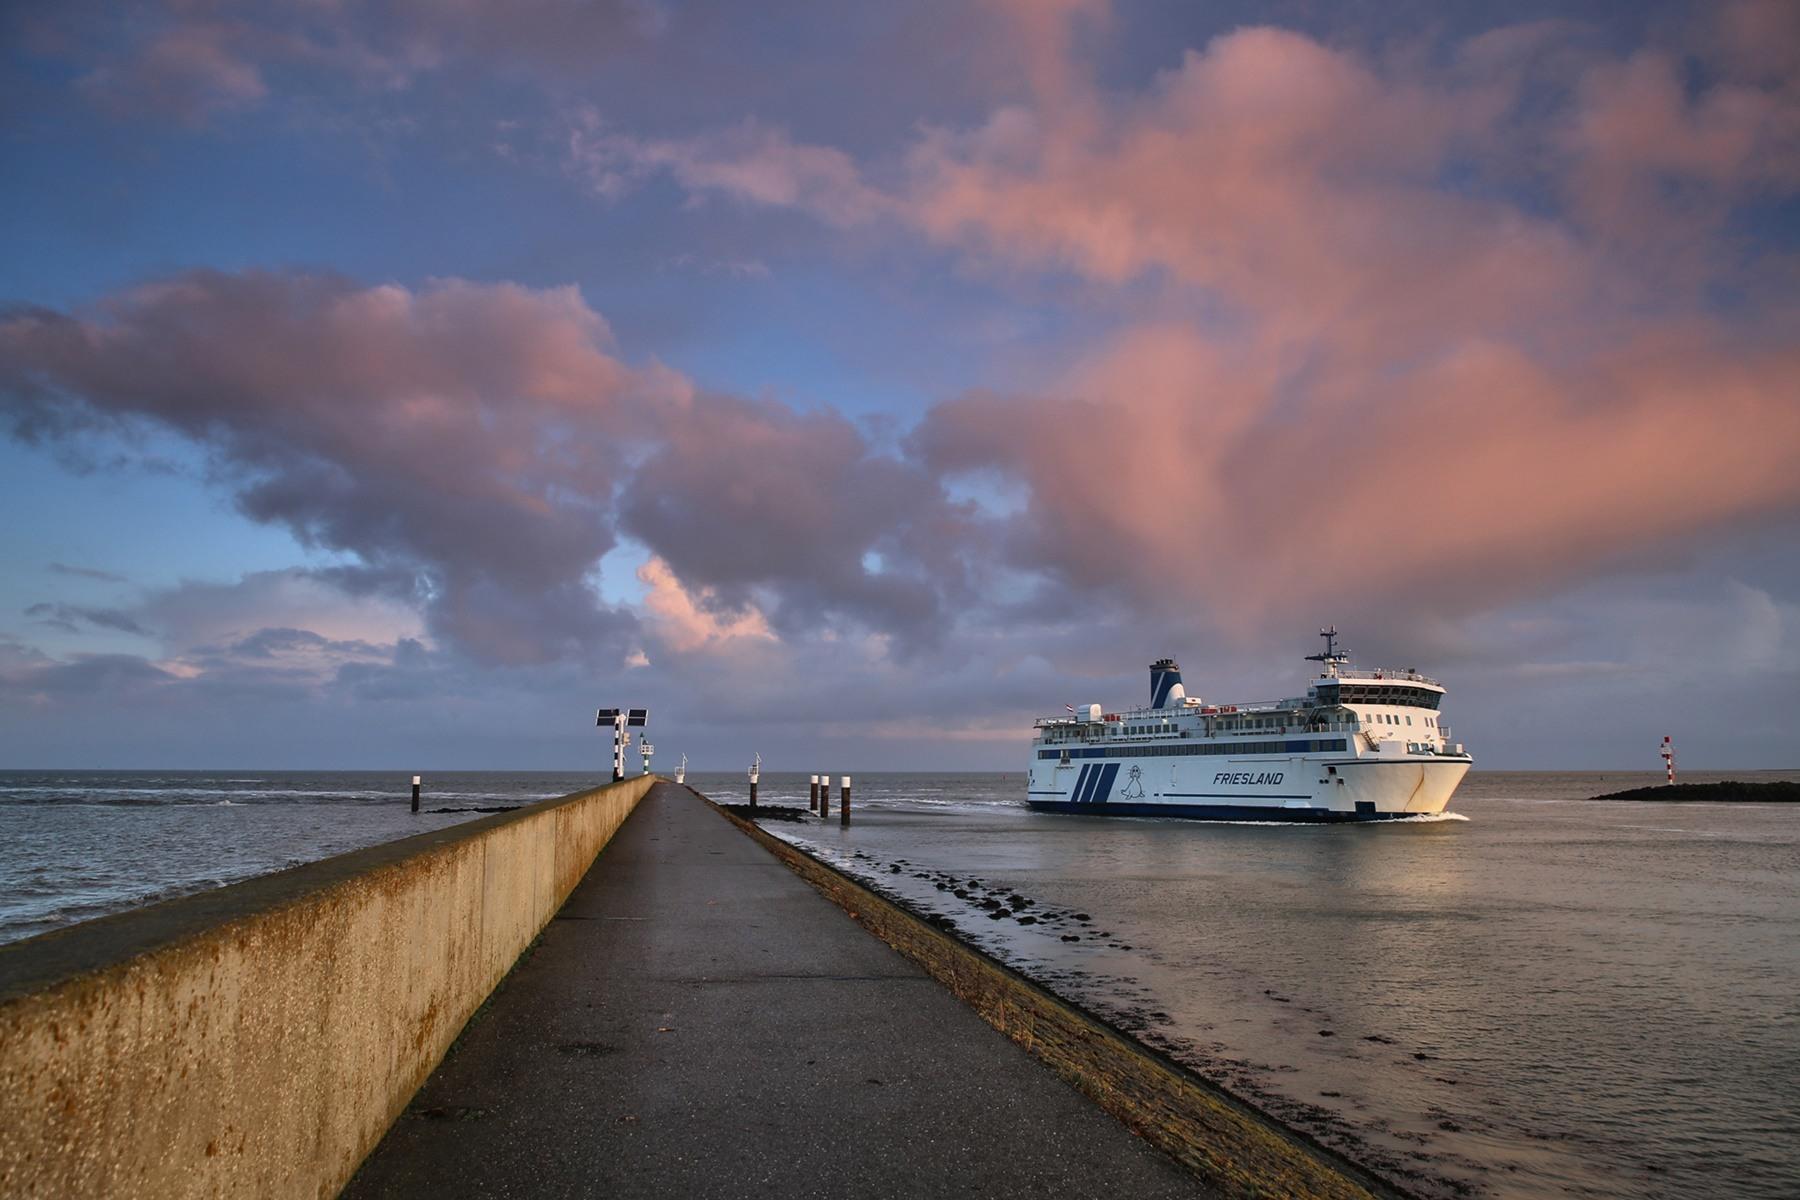 Rederij Doeksen sailing schedule